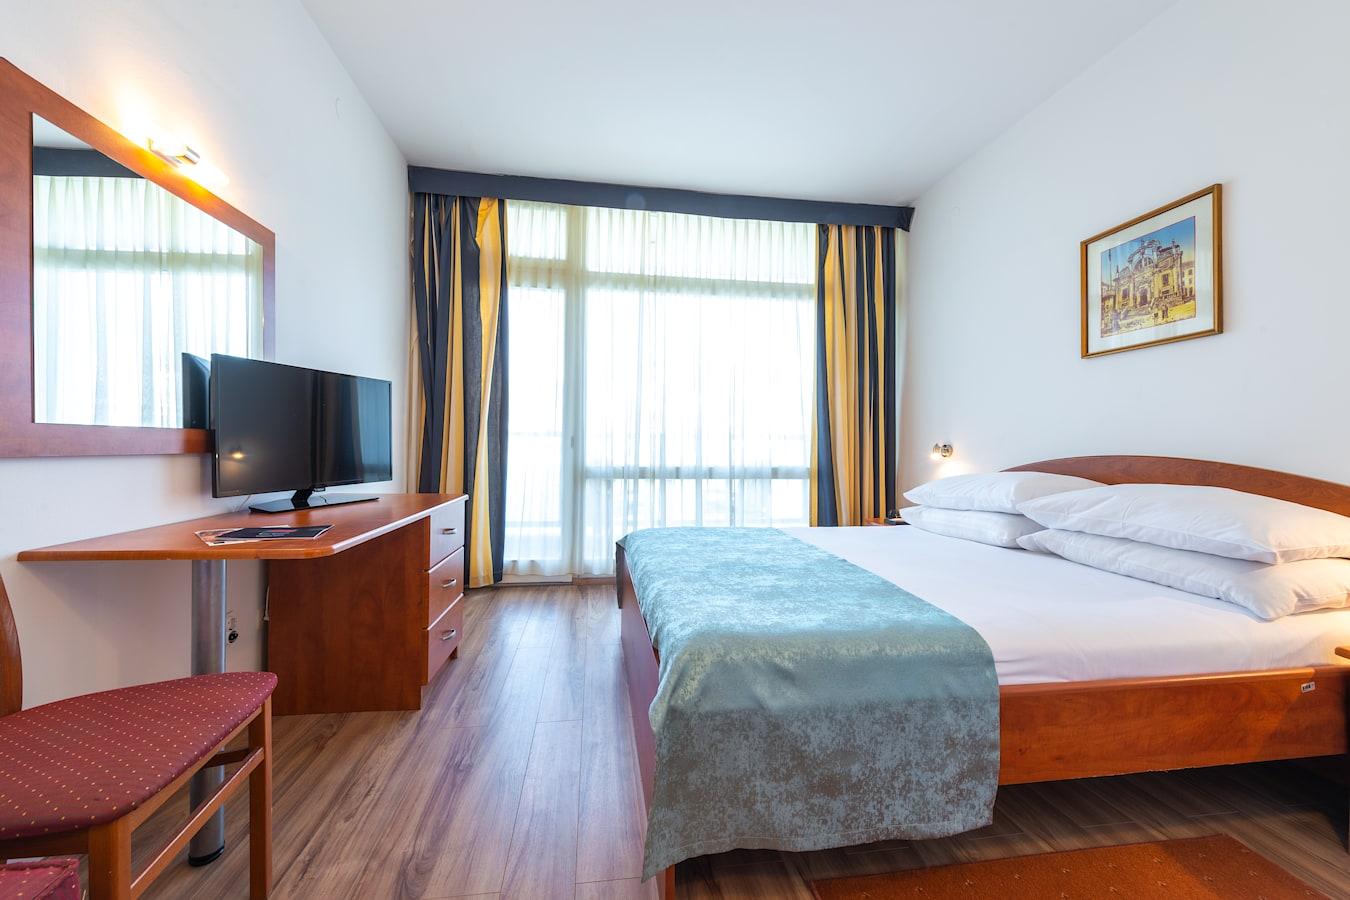 vis-hotel-dubrovnik-double-room-room-plan.jpg